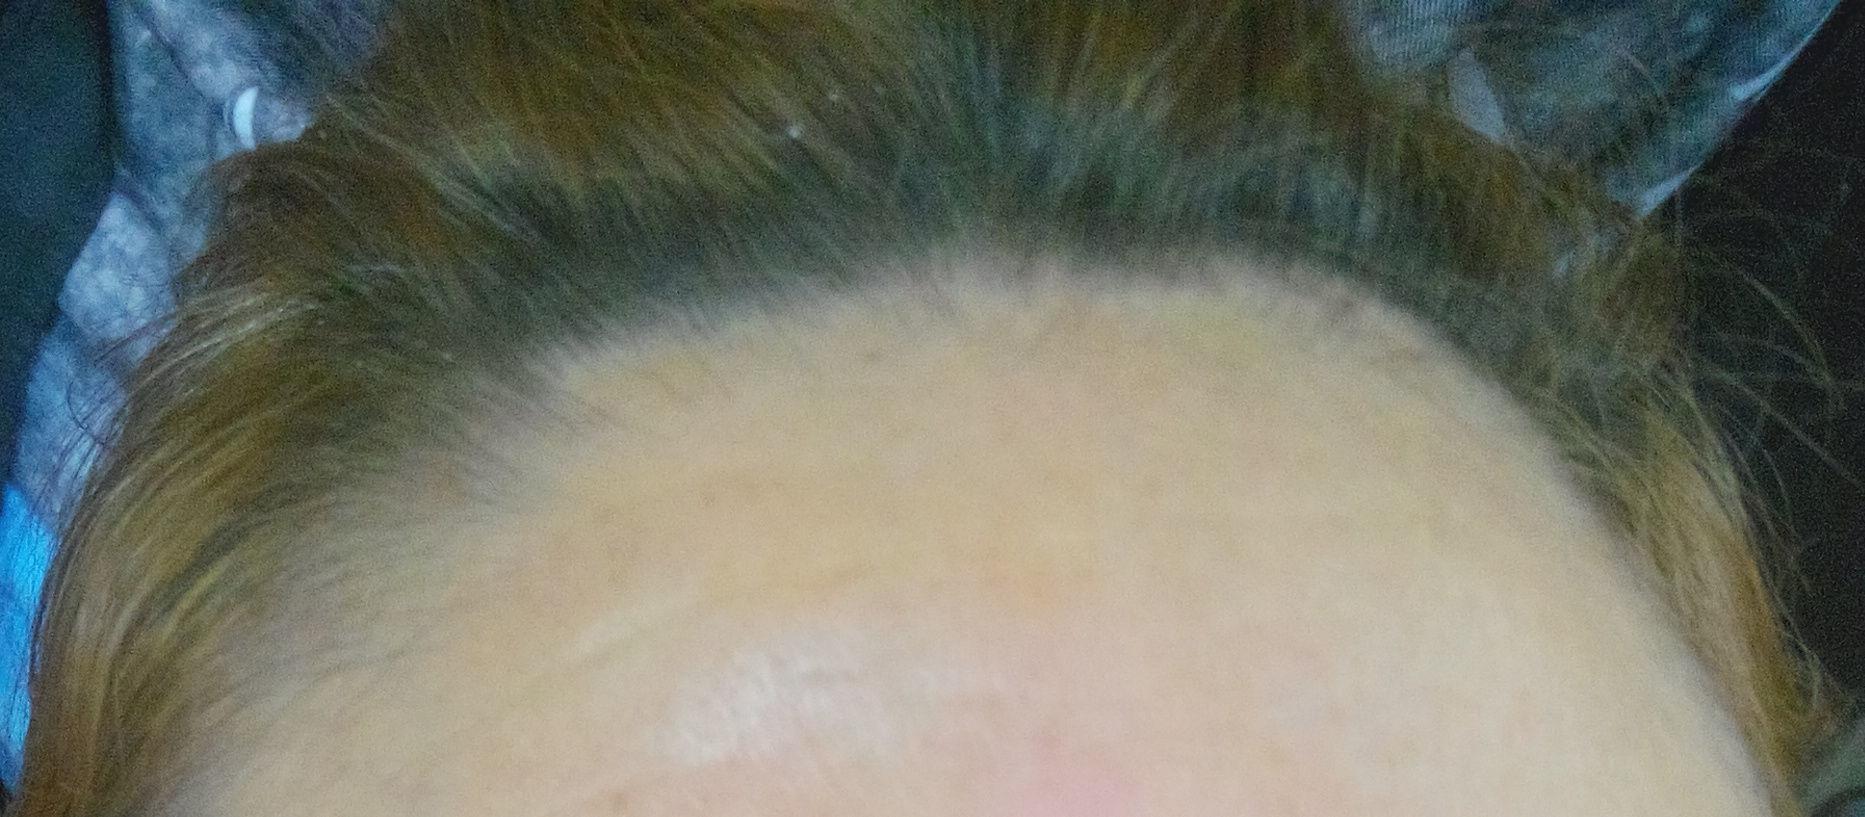 micropigmentação empresário(a) / dono de negócio cabeleireiro(a) designer de sobrancelhas maquiador(a) micropigmentador(a) visagista